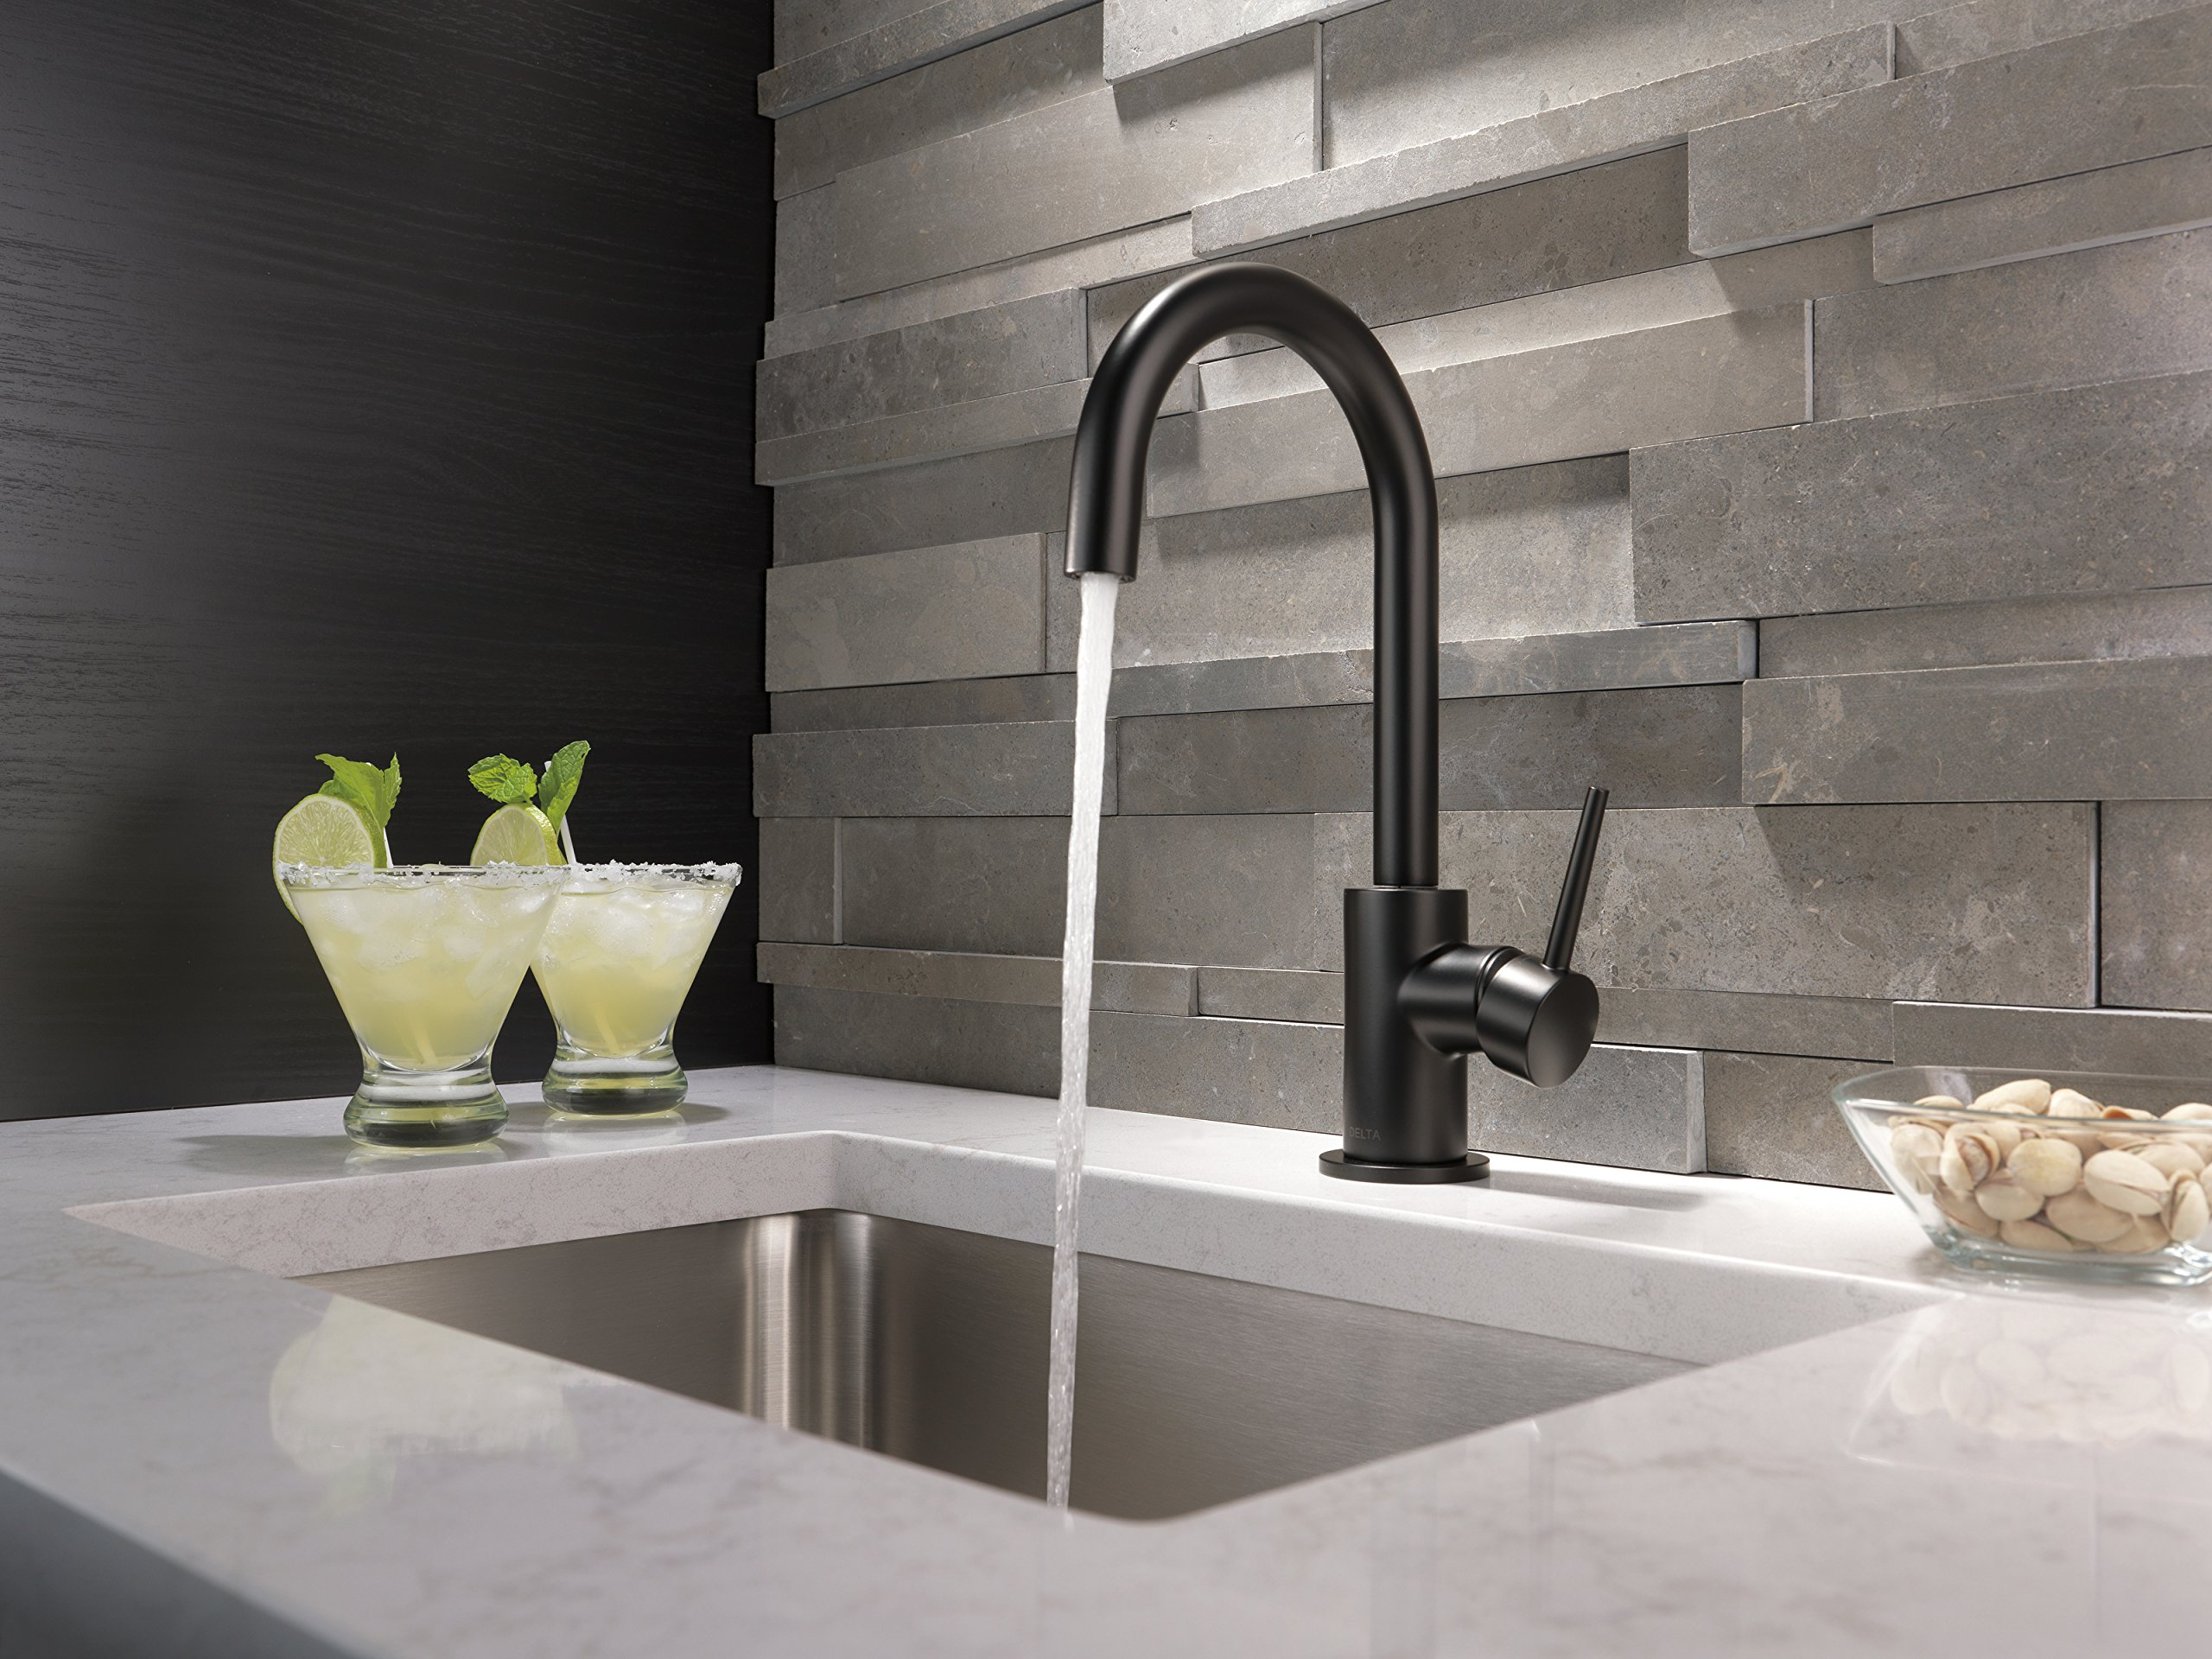 Delta Faucet Trinsic Single-Handle Bar-Prep Kitchen Sink Faucet, Matte Black 1959LF-BL by DELTA FAUCET (Image #2)